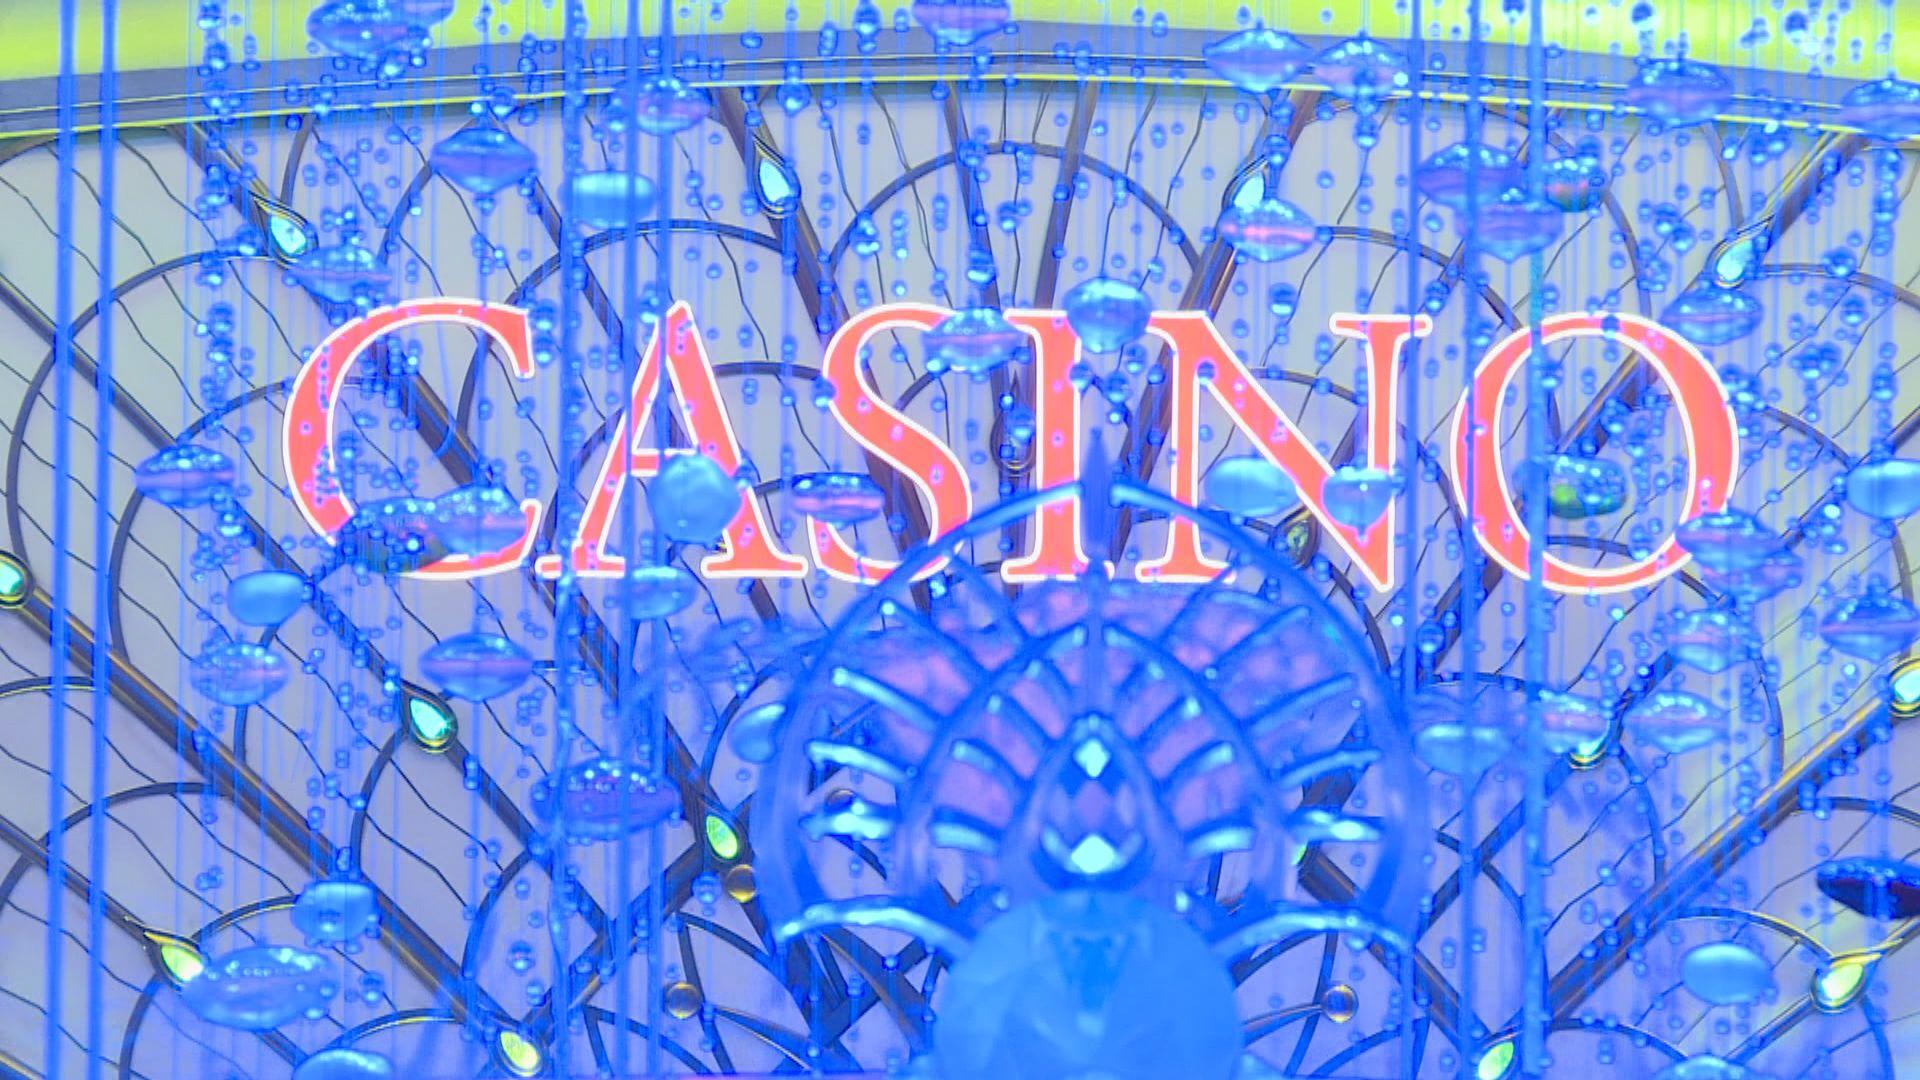 疫情致賭場停業半個月 澳門上月博彩收入大跌近88%